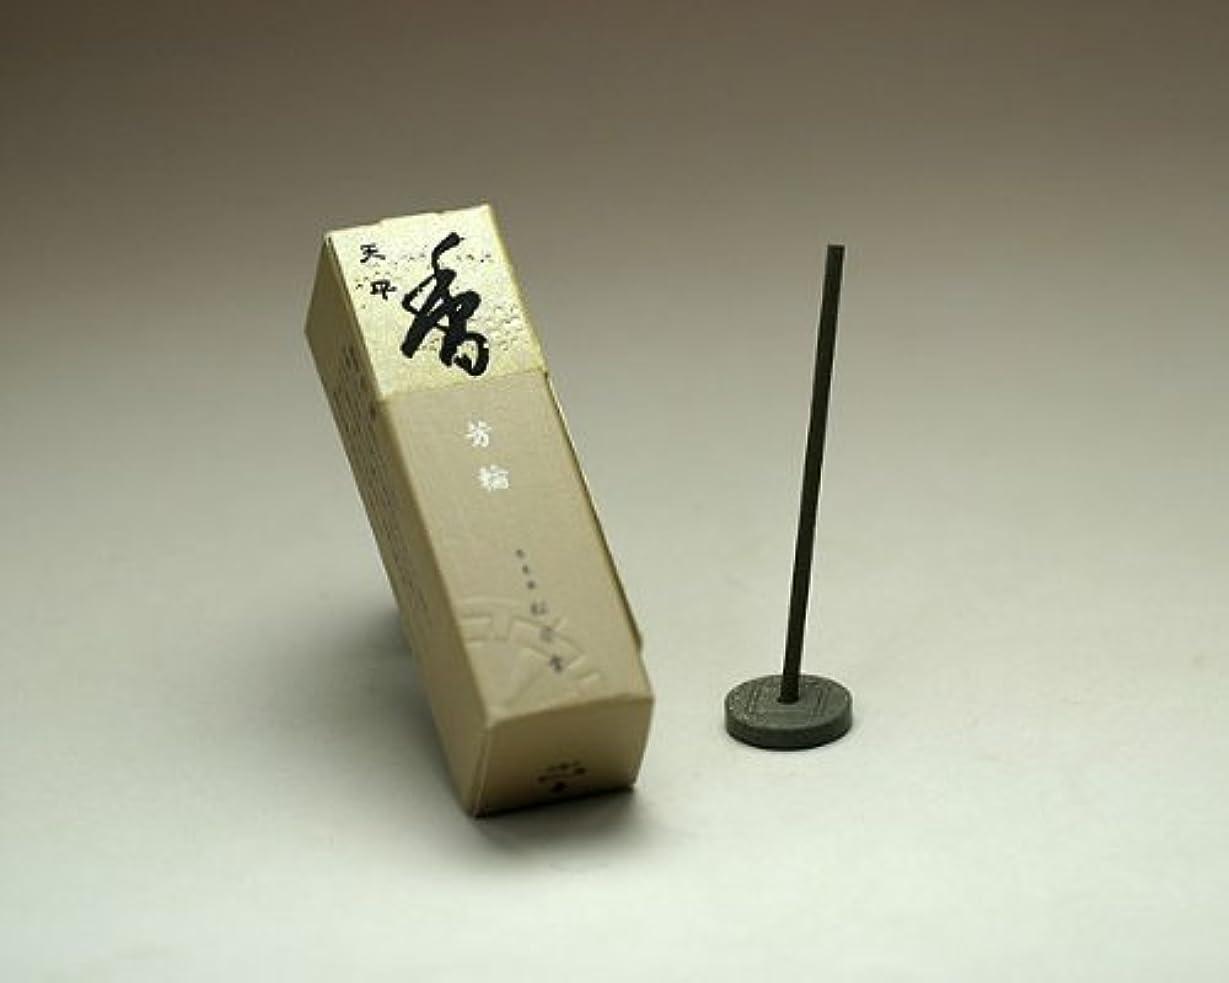 敬意を表してエンターテインメント広告主銘香芳輪 松栄堂のお香 芳輪天平 ST20本入 簡易香立付 #210523